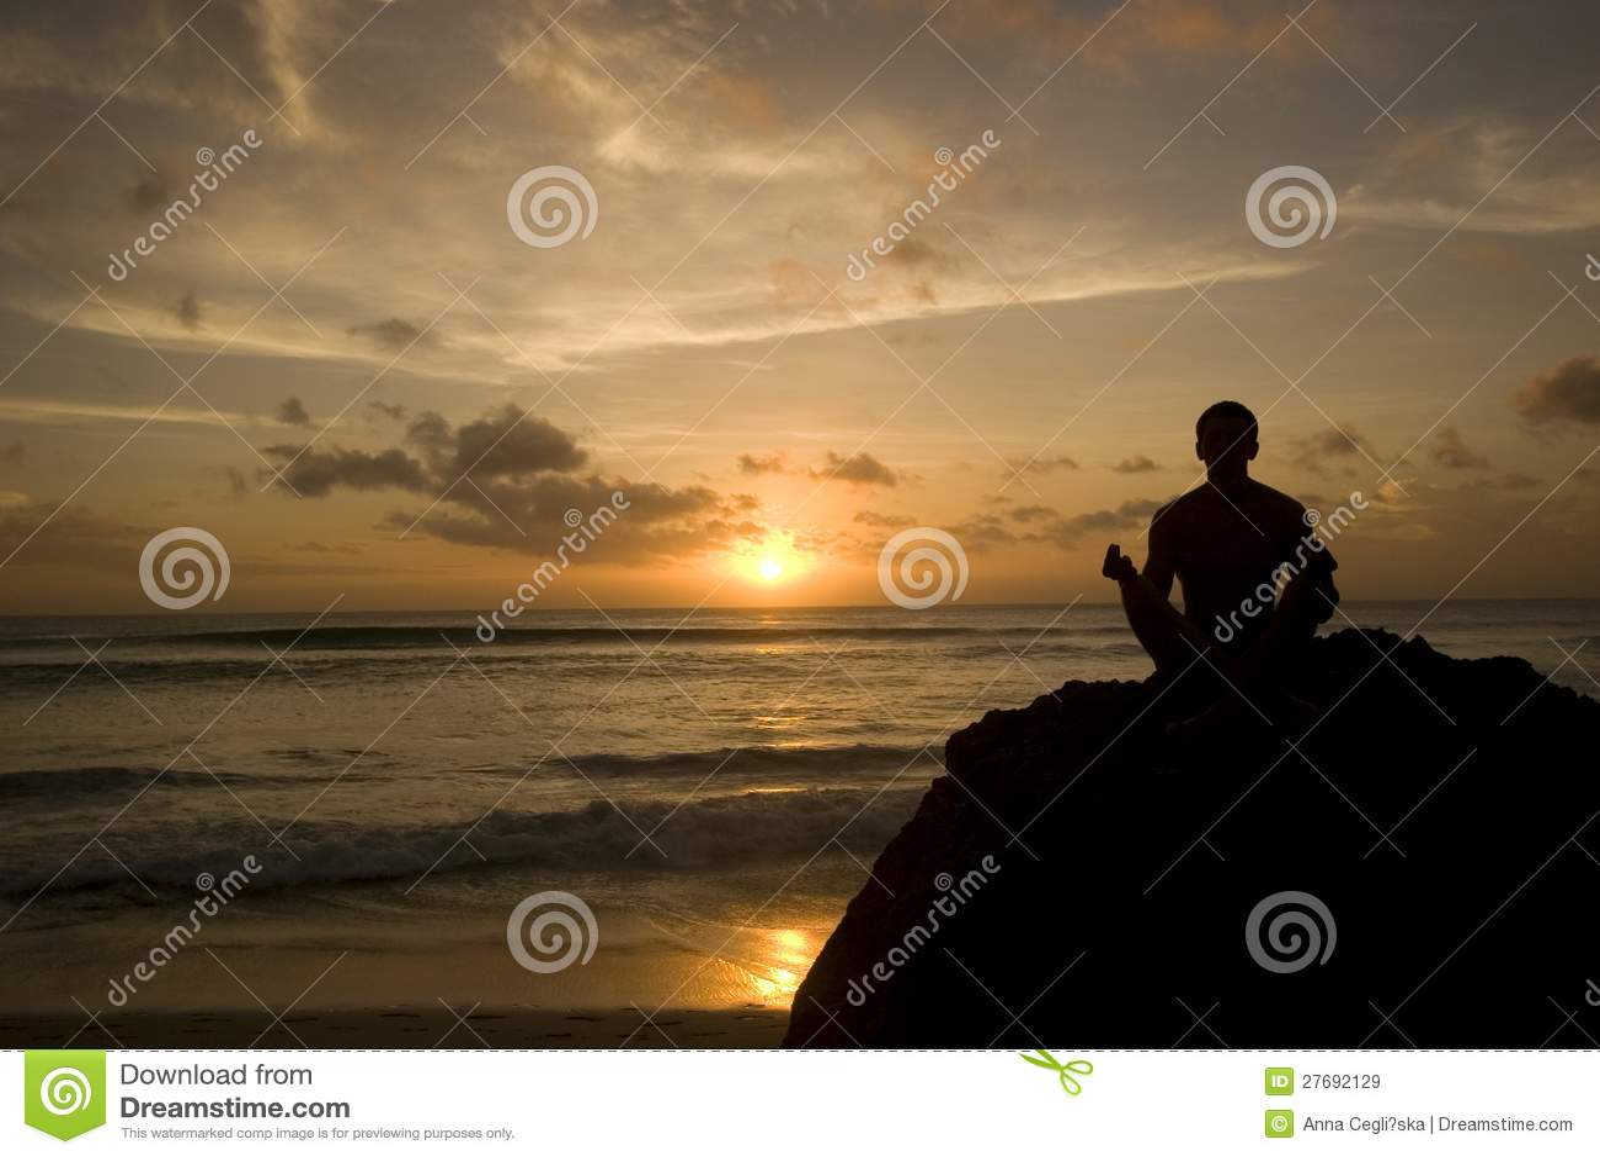 Κρατώντας τον ήλιο - νεαρών άνδρων στην παραλία